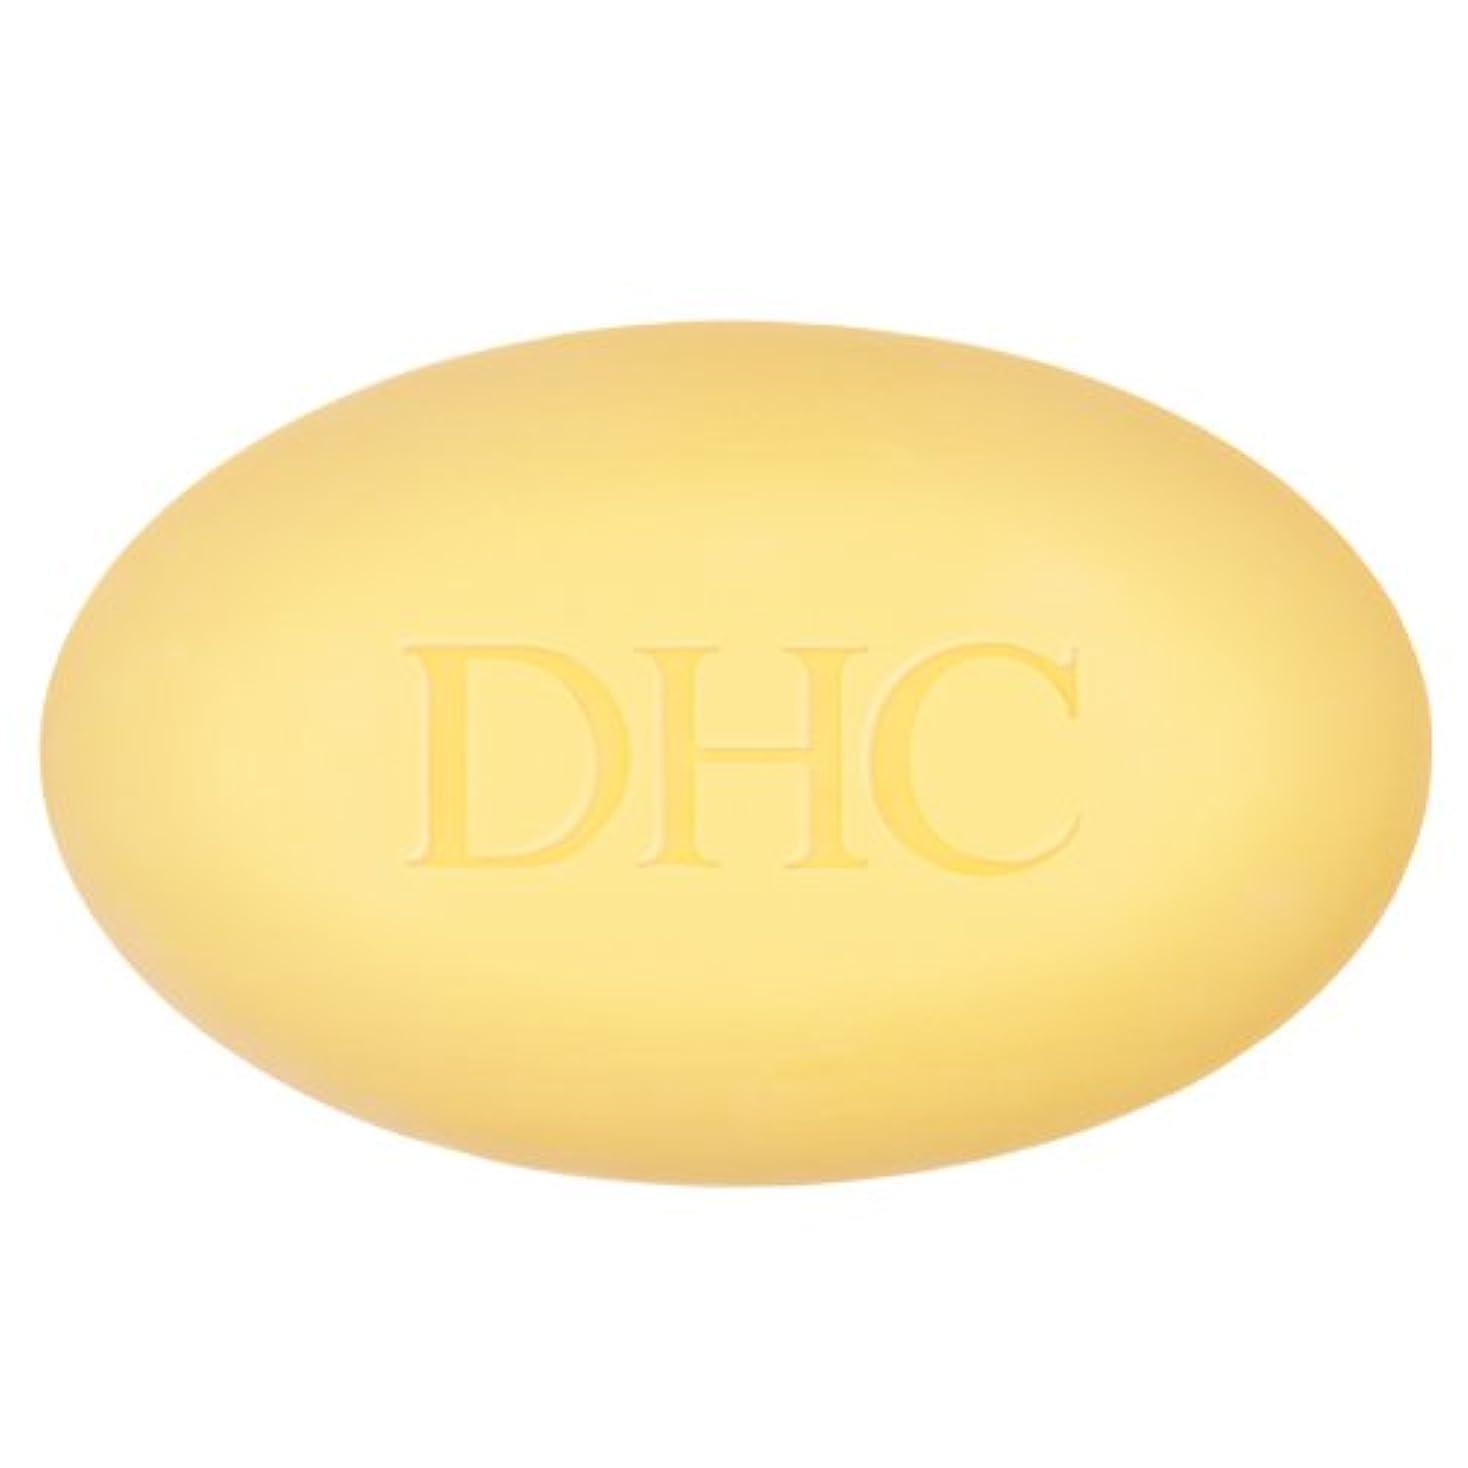 死すべき罰遺棄されたDHC Q10ボディソープ